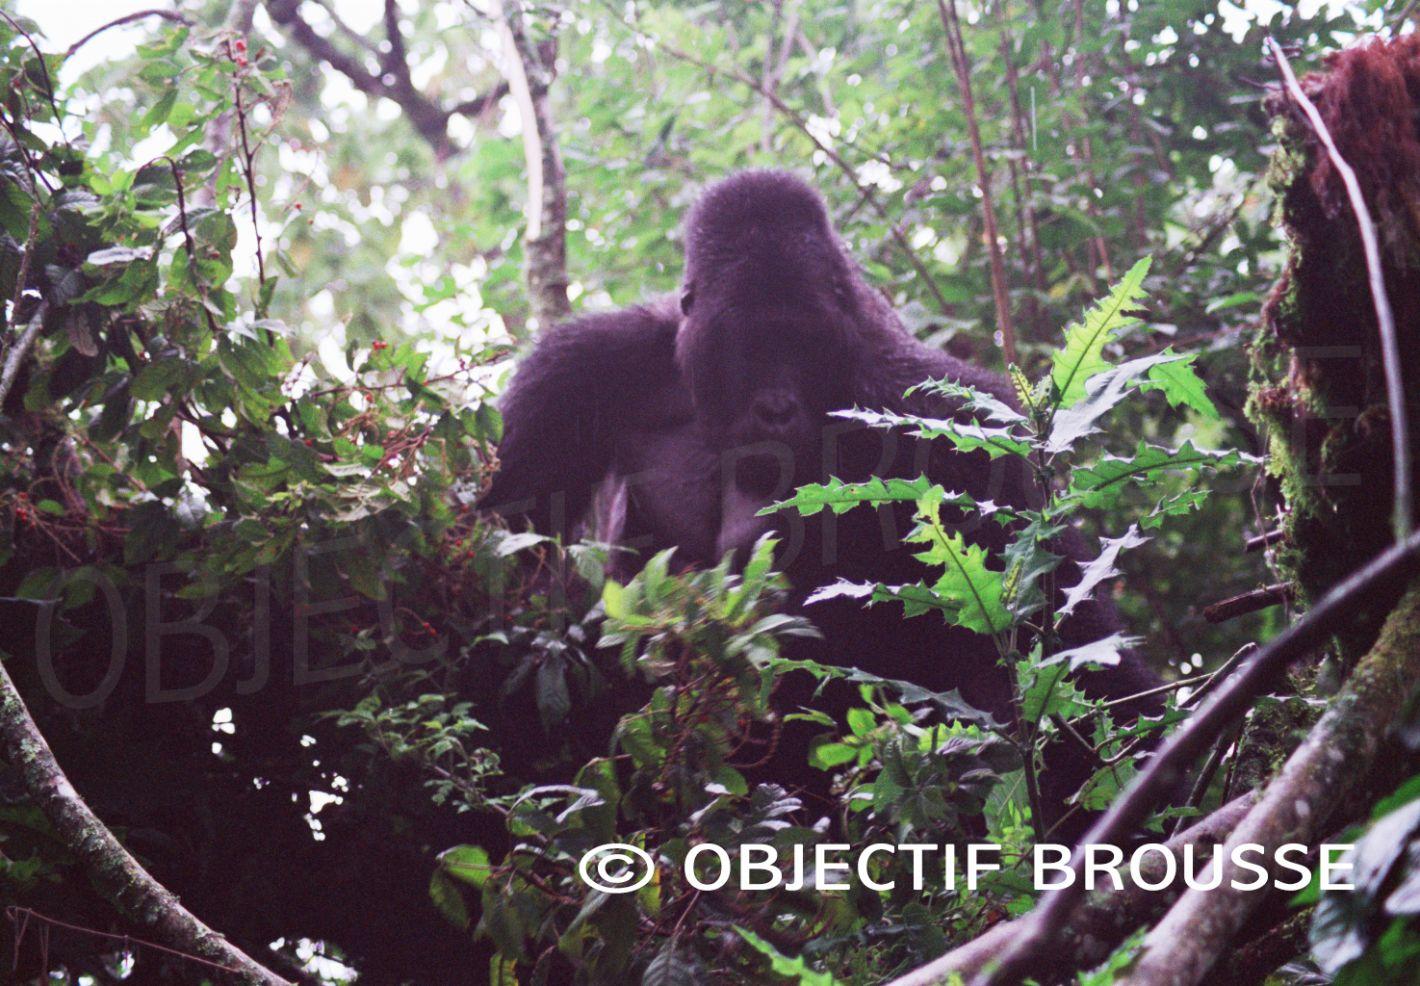 Un gorille des plaines de l'Est installé dans son nid en République Démocratique du Congo photographié par Xavier Gilibert d'Objectif Brouse